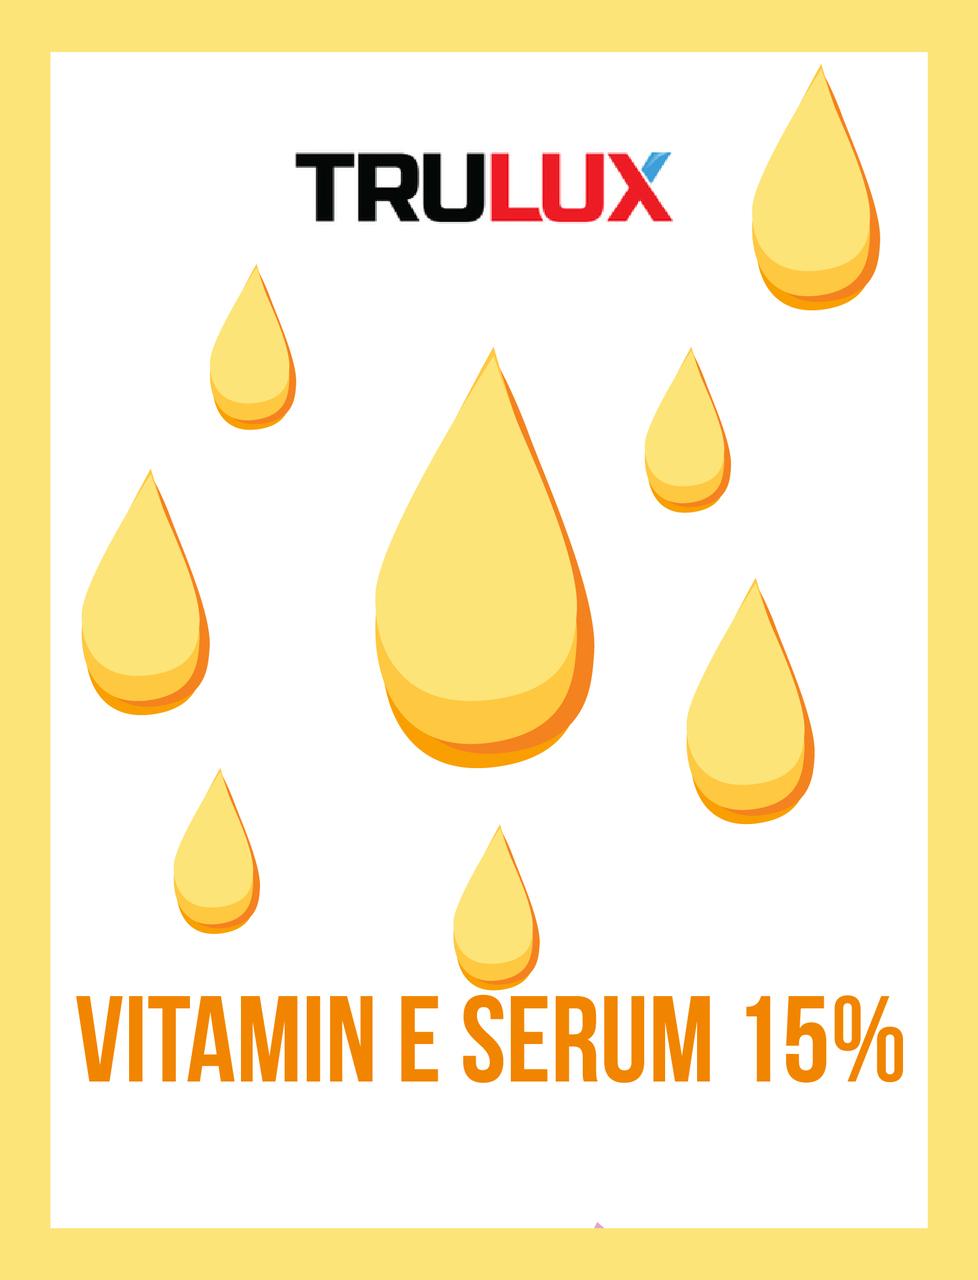 VITAMIN E SERUM 15%